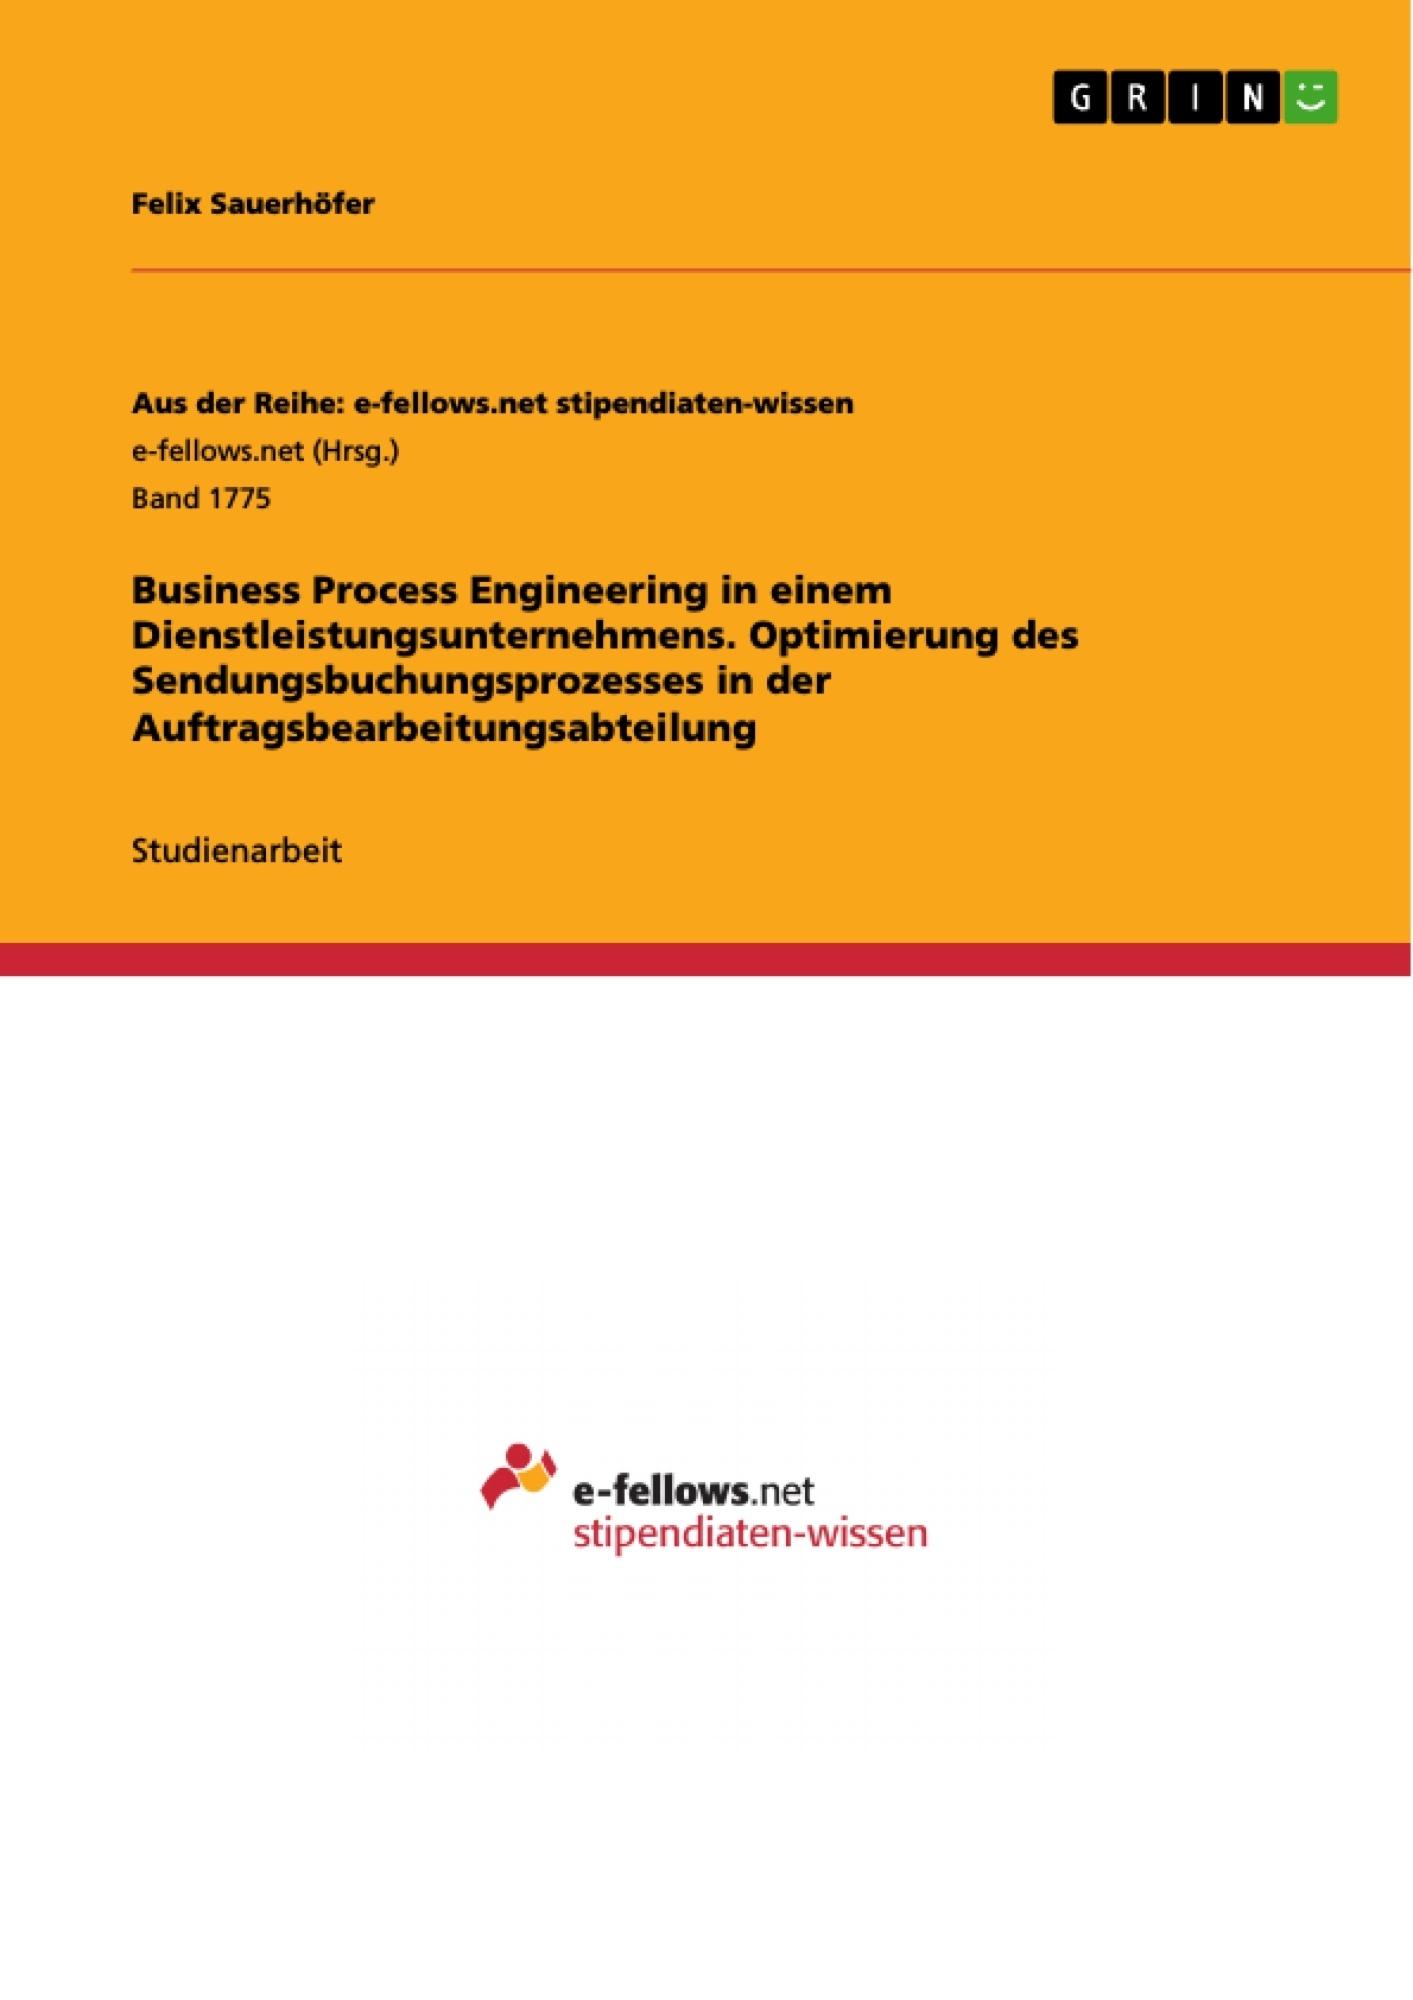 Titel: Business Process Engineering in einem Dienstleistungsunternehmens. Optimierung des Sendungsbuchungsprozesses in der Auftragsbearbeitungsabteilung